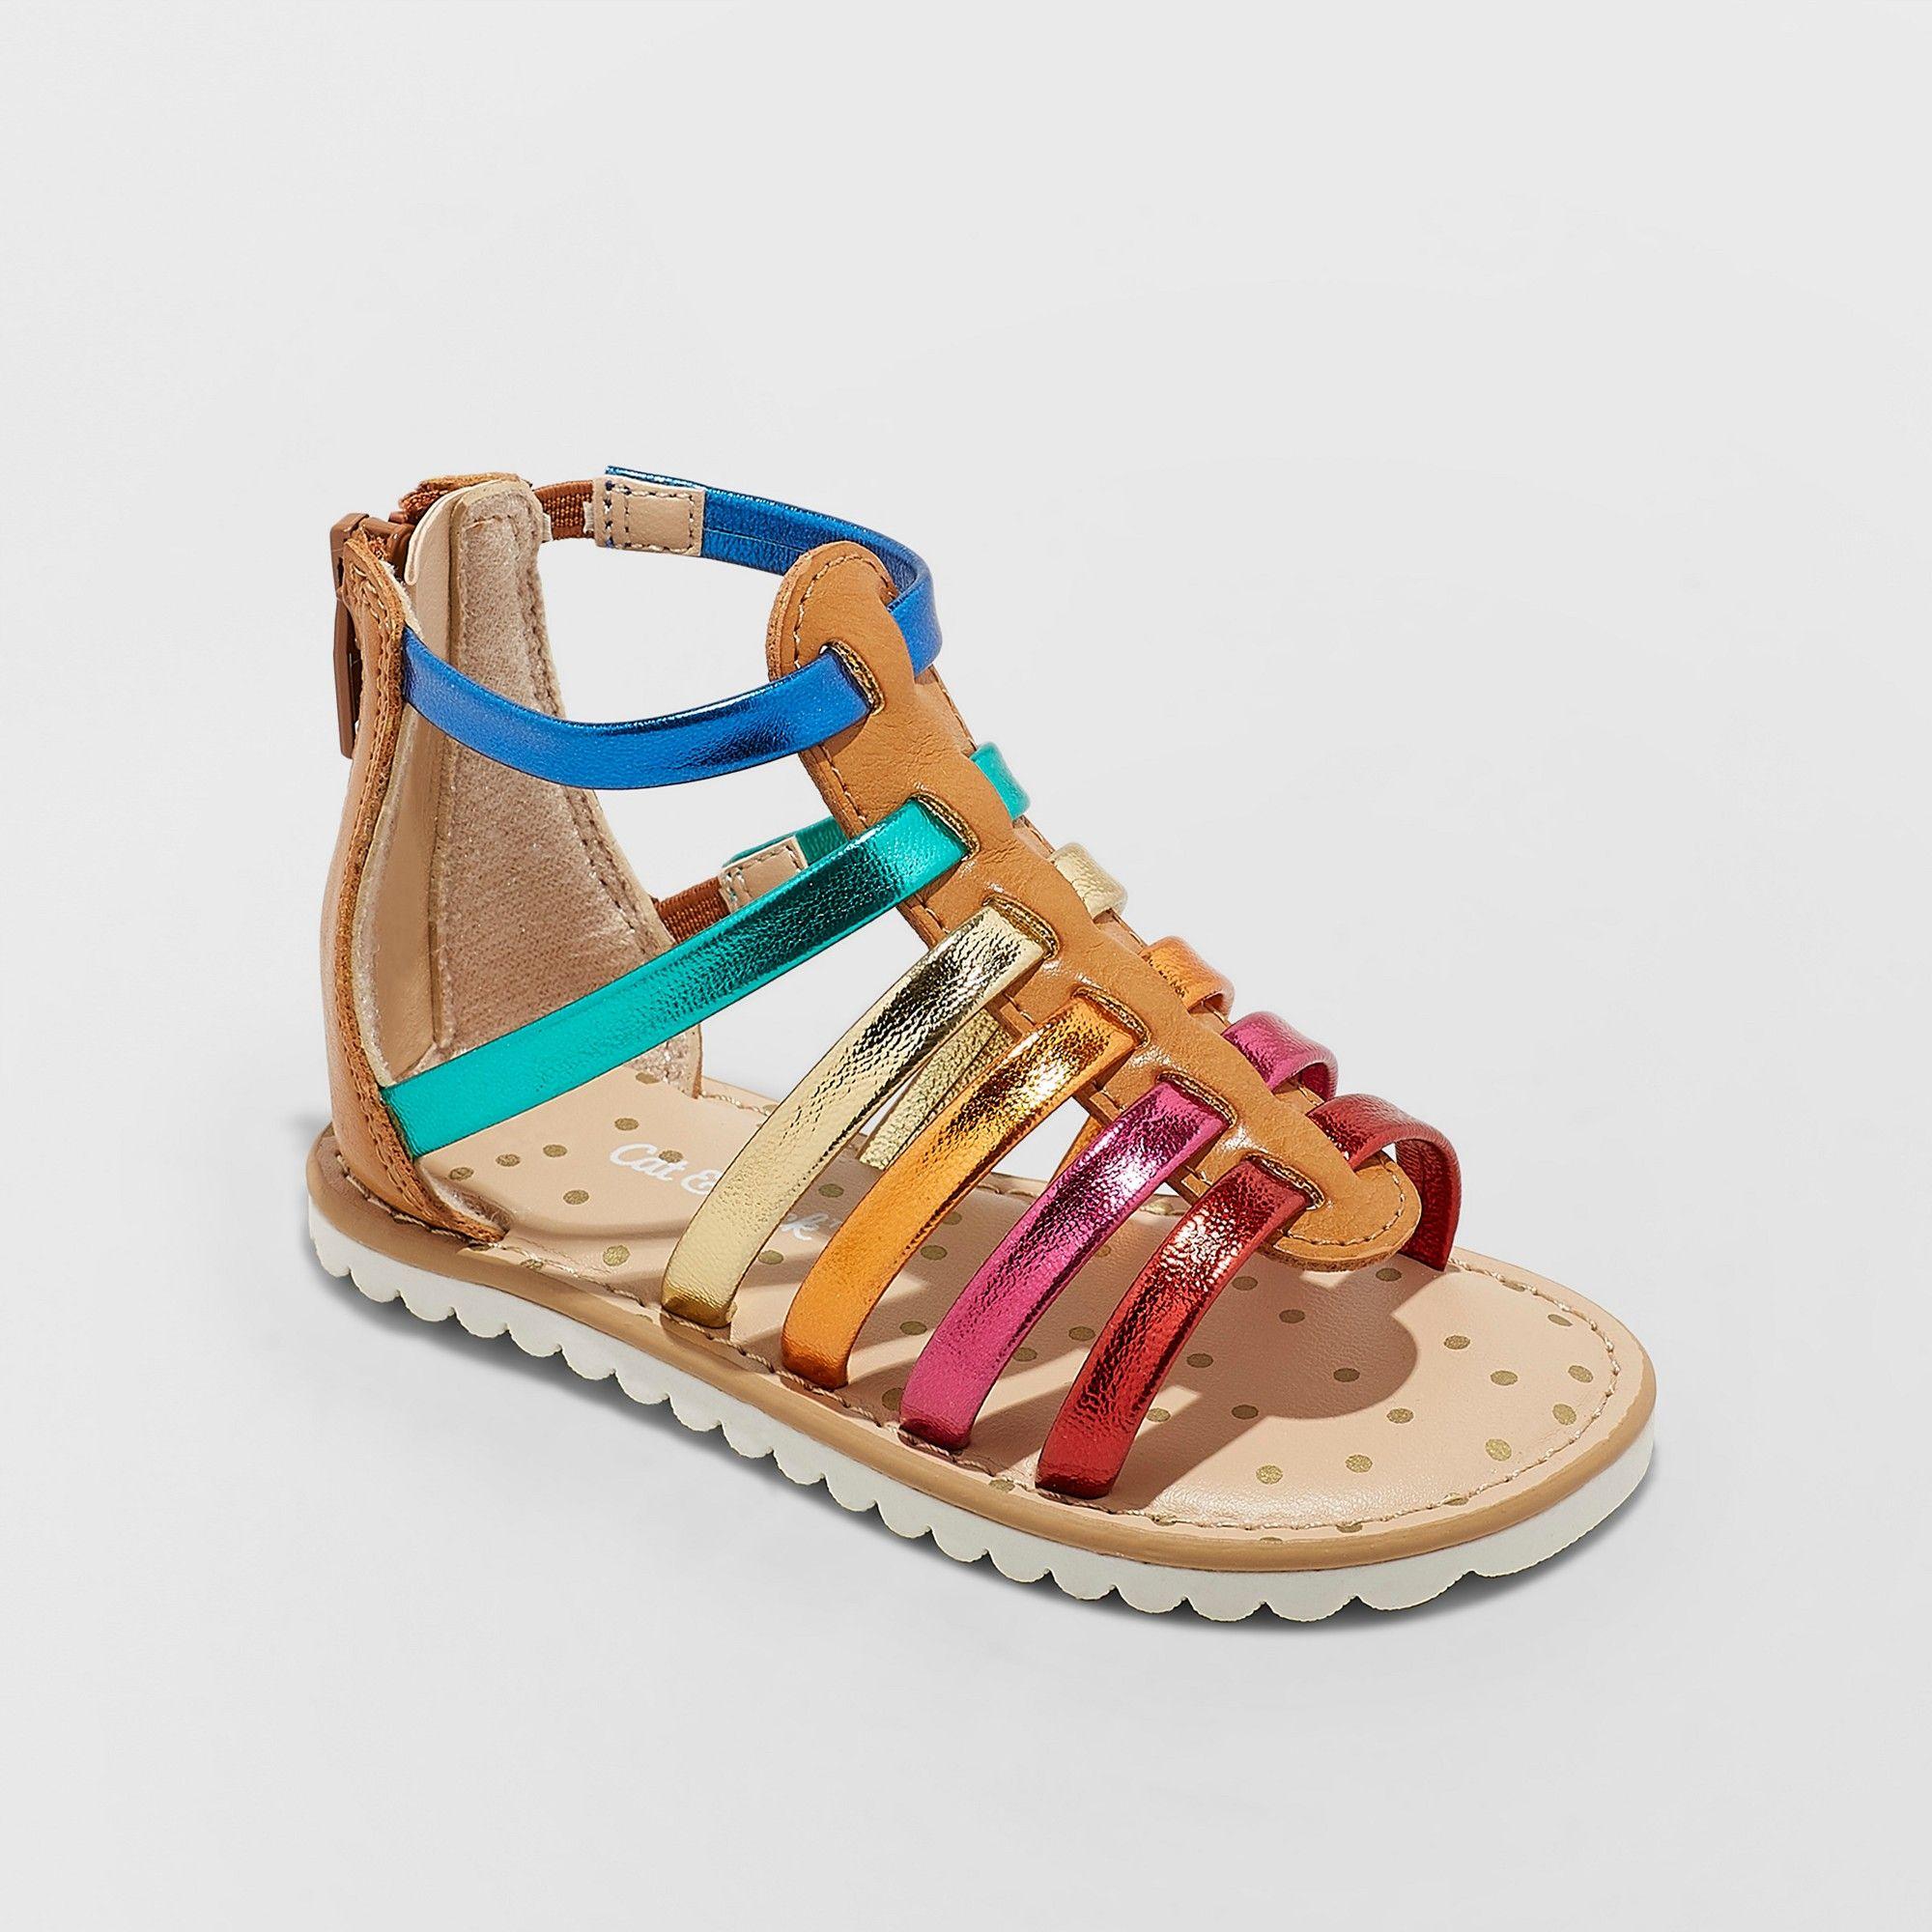 Toddler Girls' Fionna Gladiator Sandals